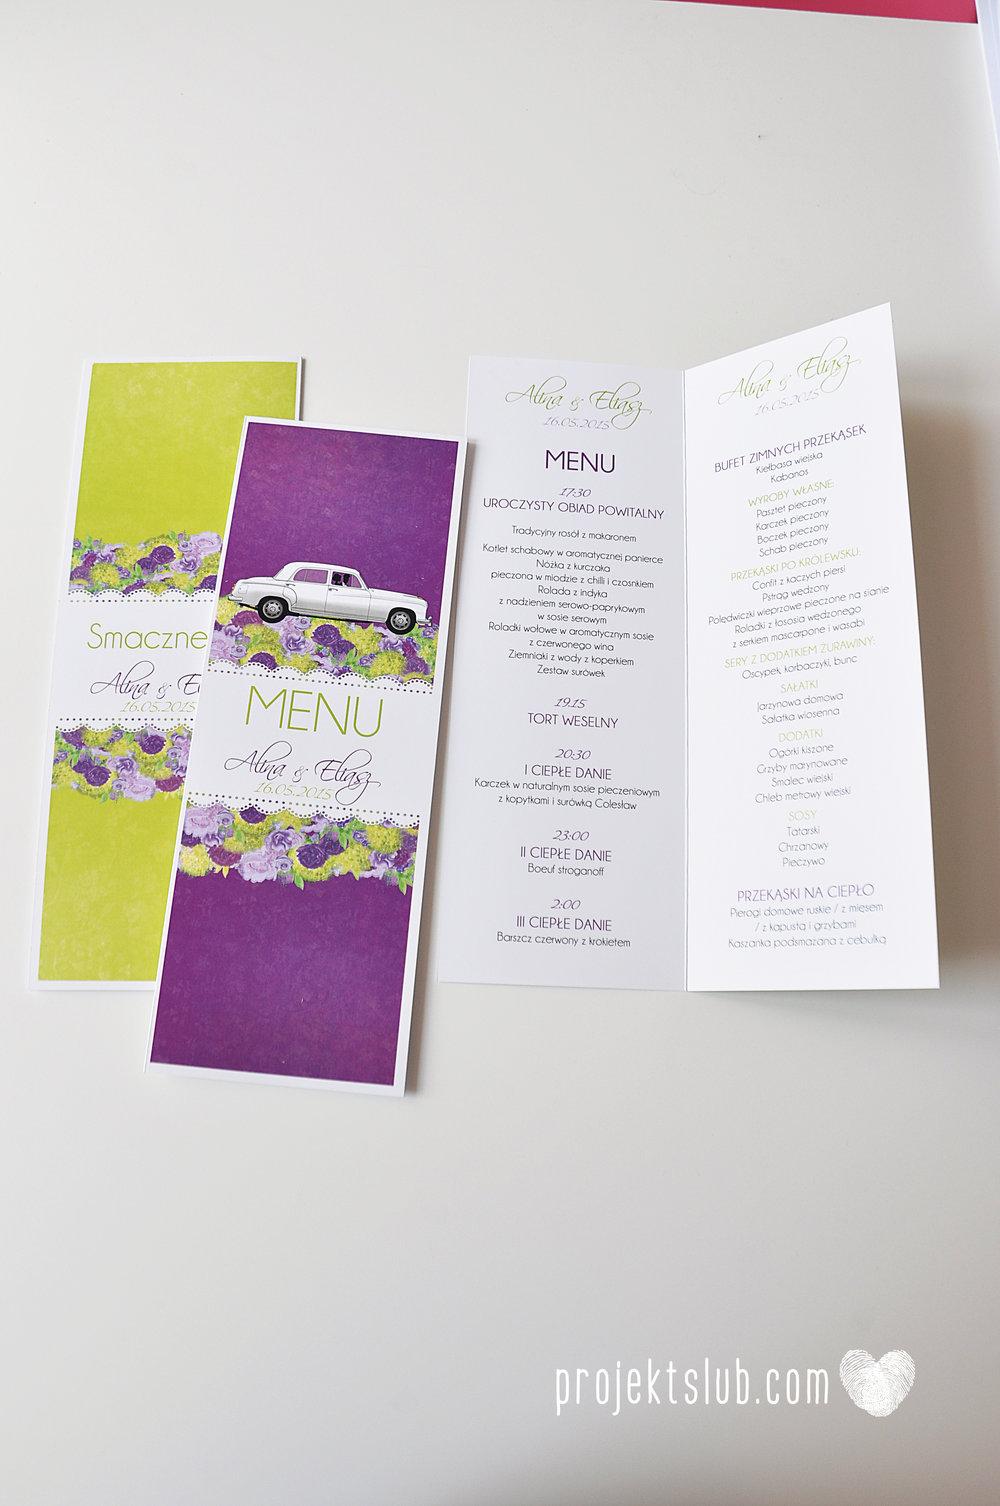 zaproszenia-ślubne-eleganckie-glamour-zaproszenia-z-motywem-auta-samochód-ślubny-mercedes-kwiaty-koronka-biel-fiolet-zieleń-projekt-ślub  (4).JPG